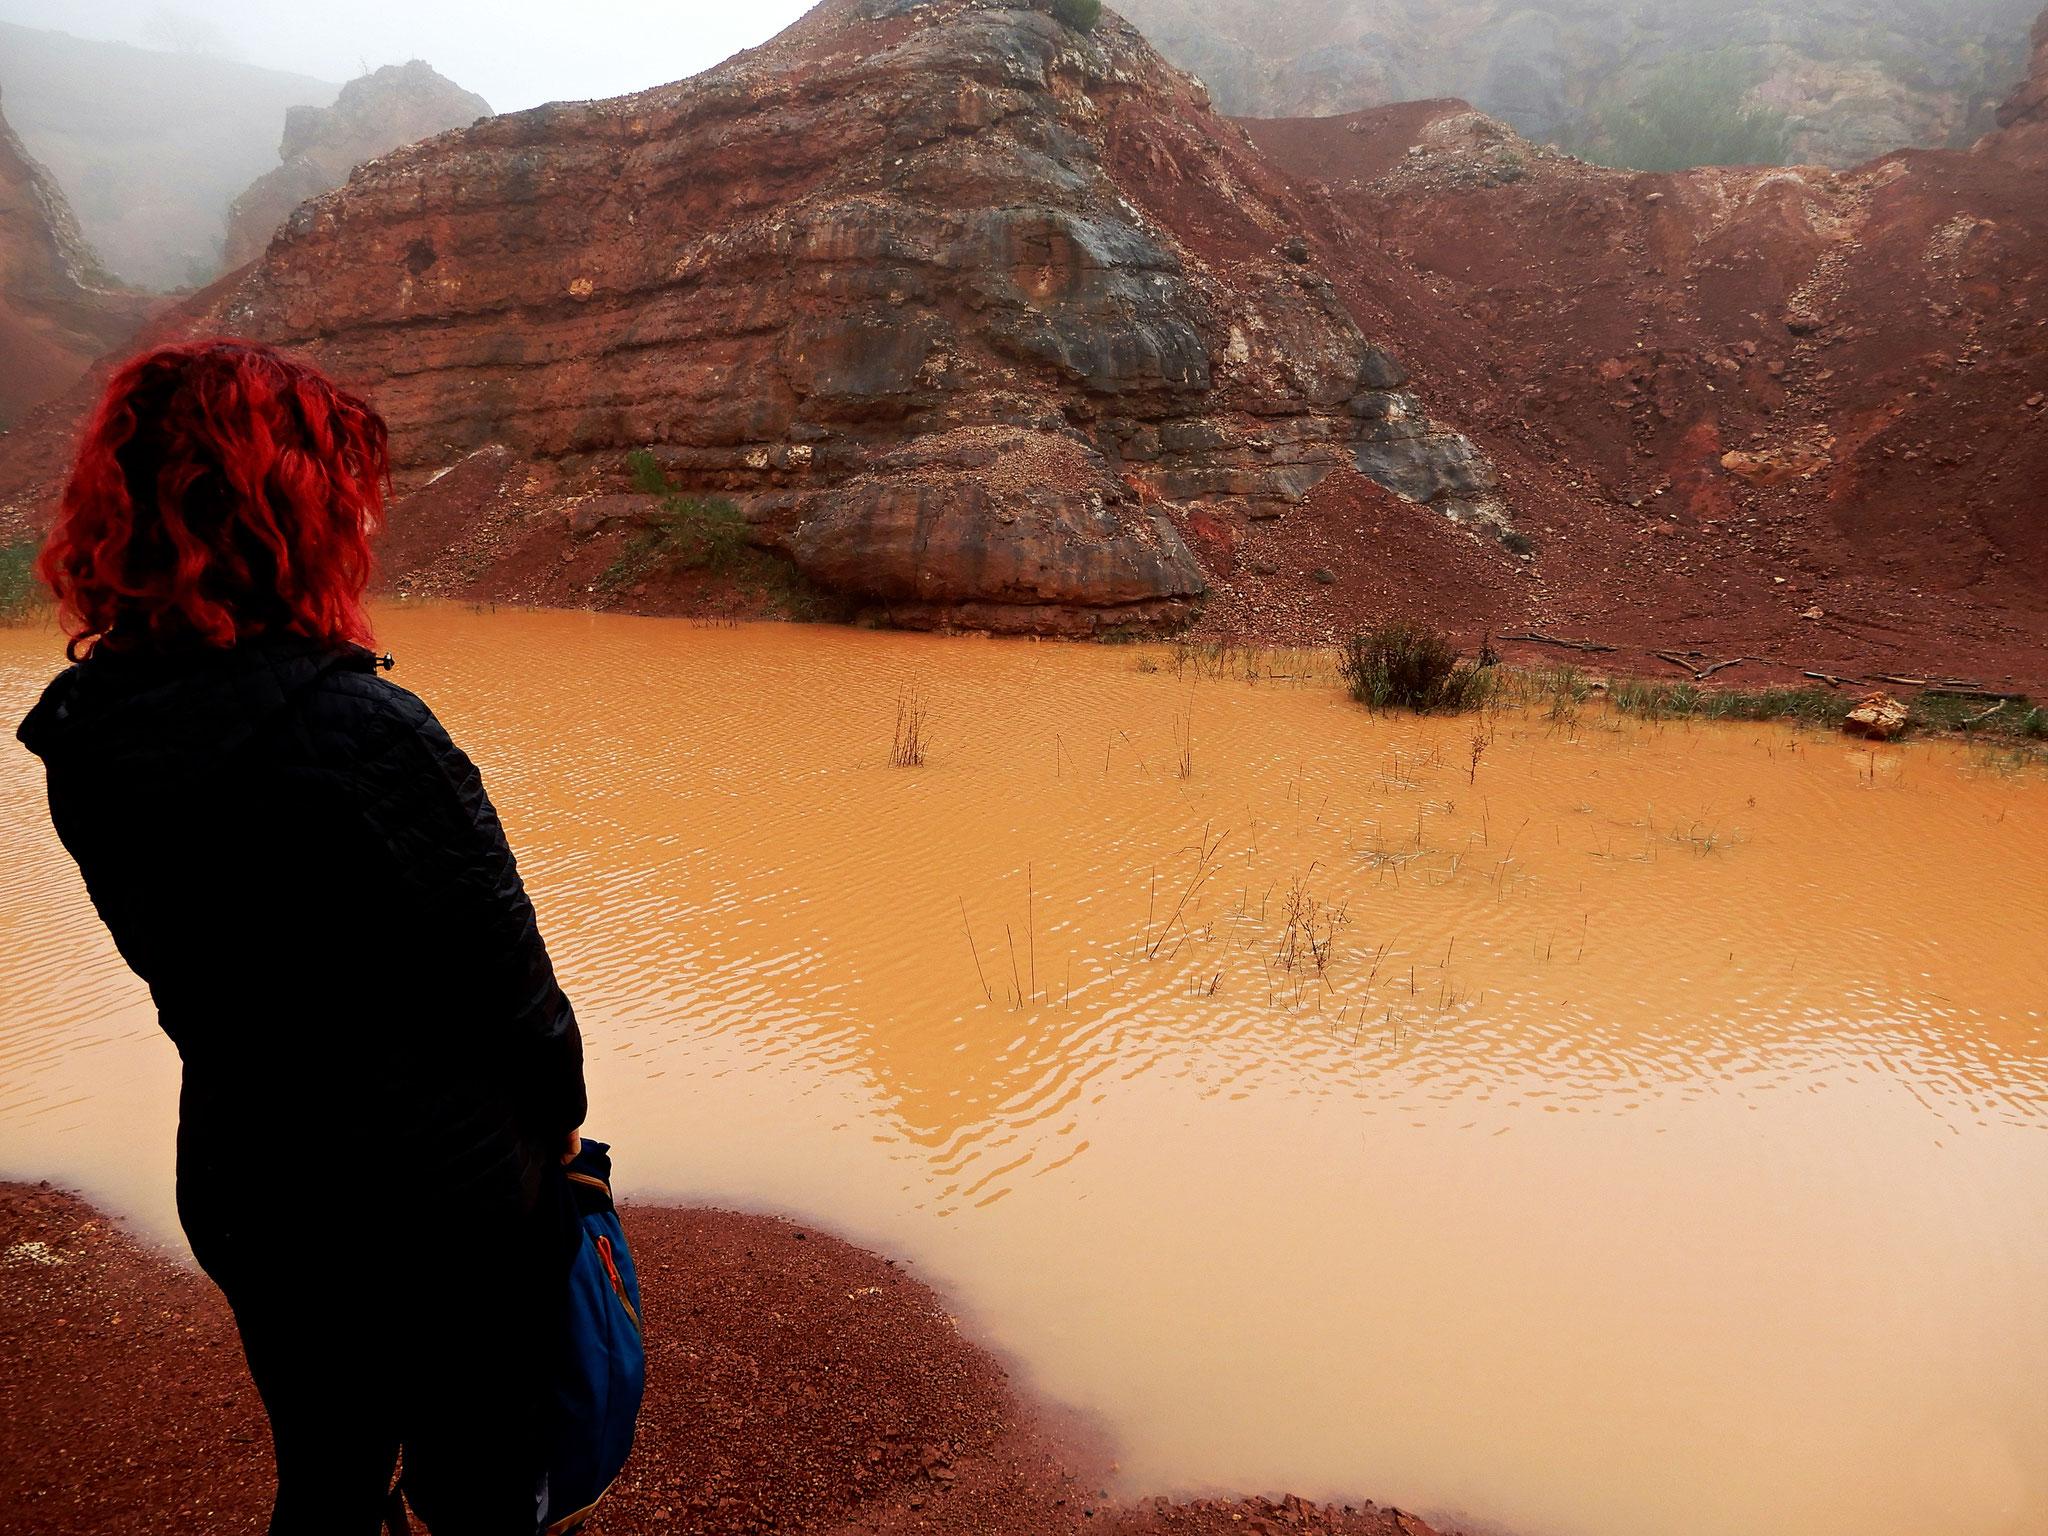 Di colore rosso fegato data la presenza prevalente di ossidi e idrossidi di ferro, la bauxite sotto forma argillosa presenta all'interno delle parti compatte a forma di noduli tondeggianti